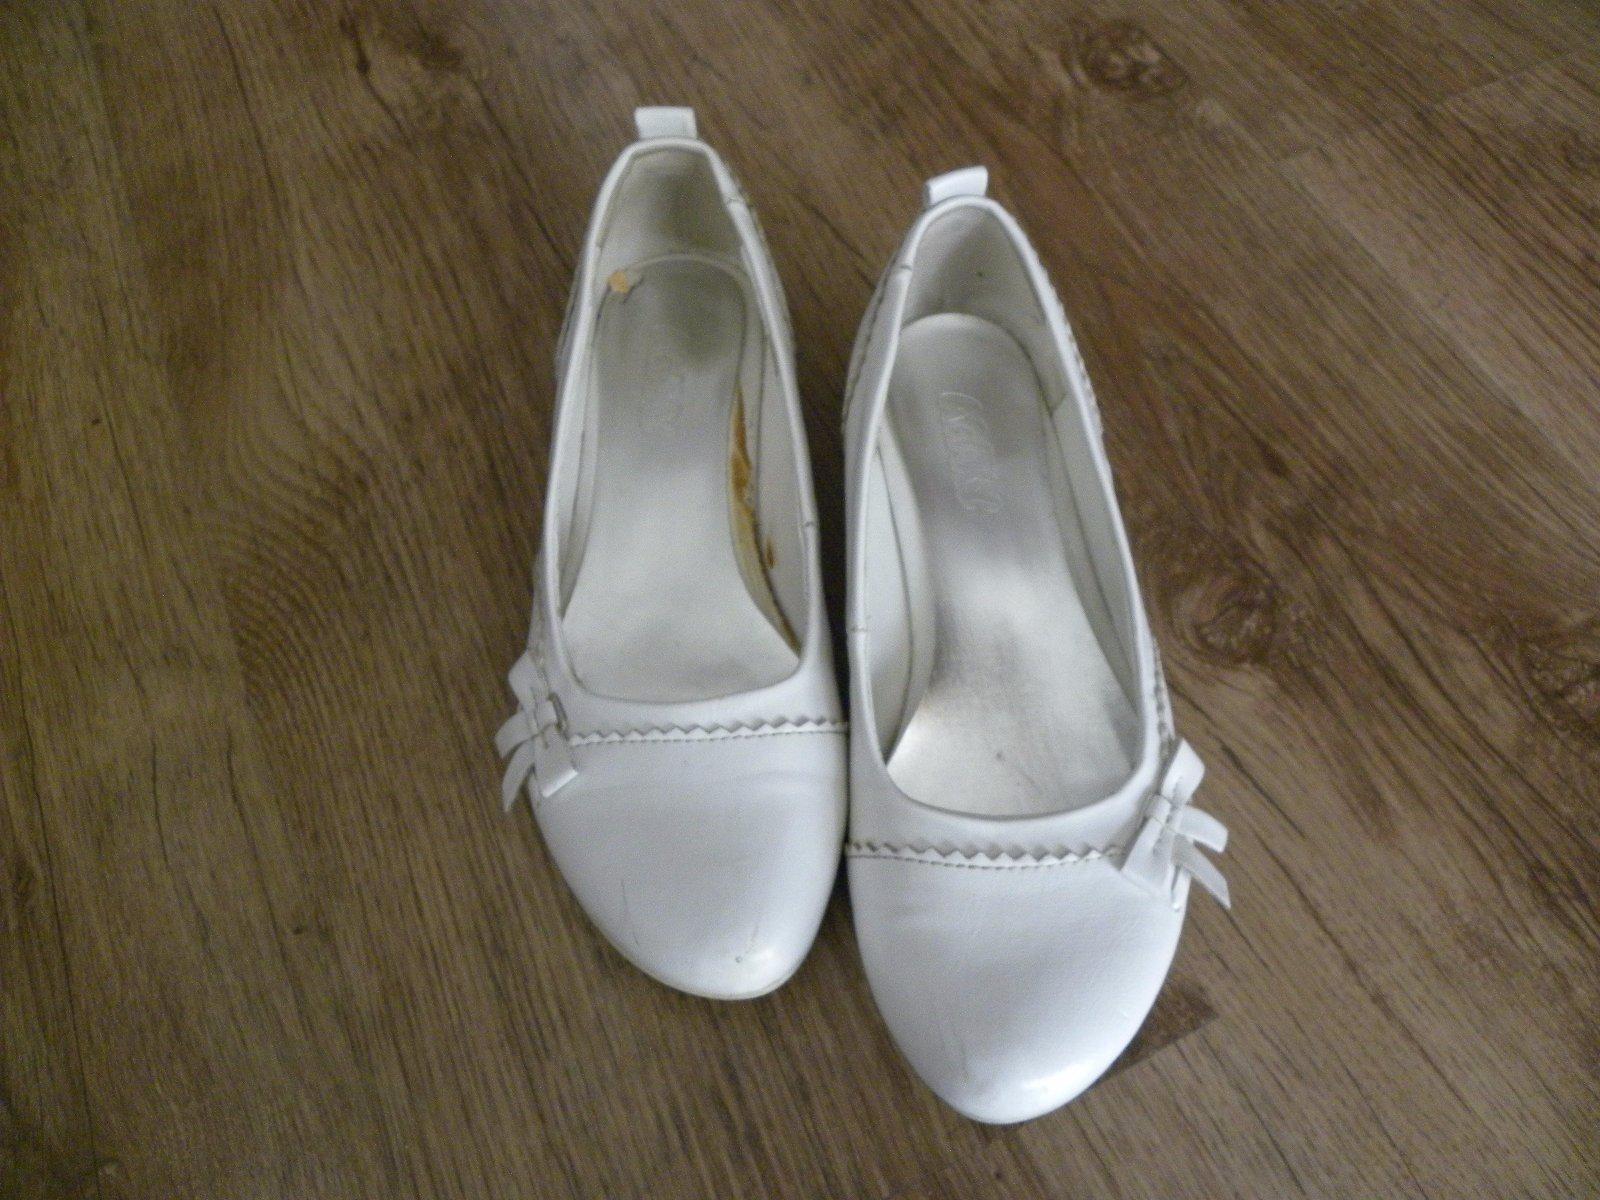 aa88fed901 Biele topánky na opätku